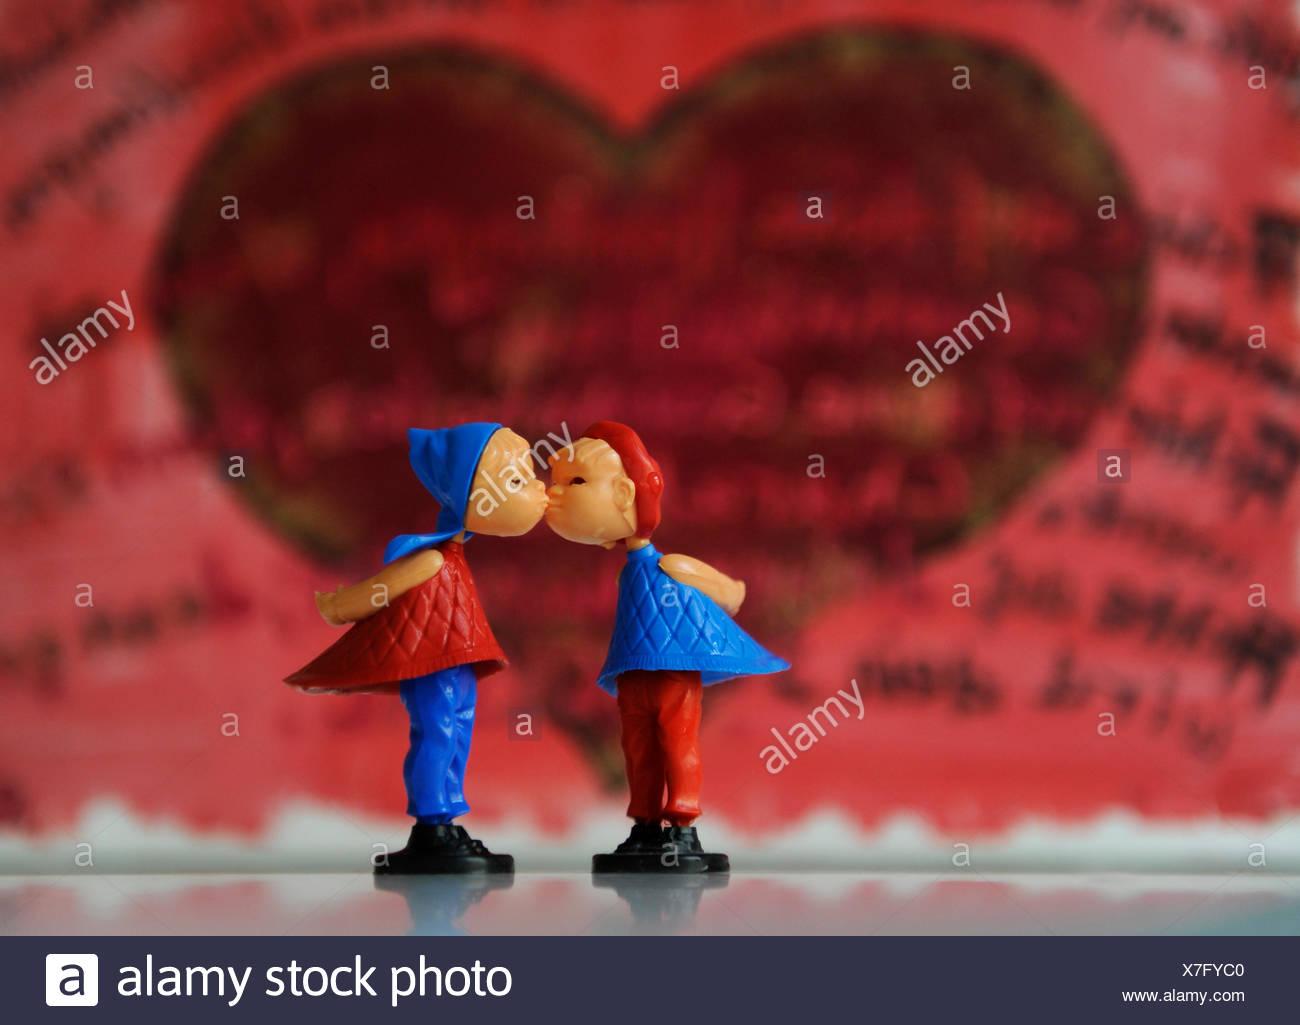 Les baisers, les chiffres de l'image symbolique de l'amour, de partenariat, de mariage Photo Stock